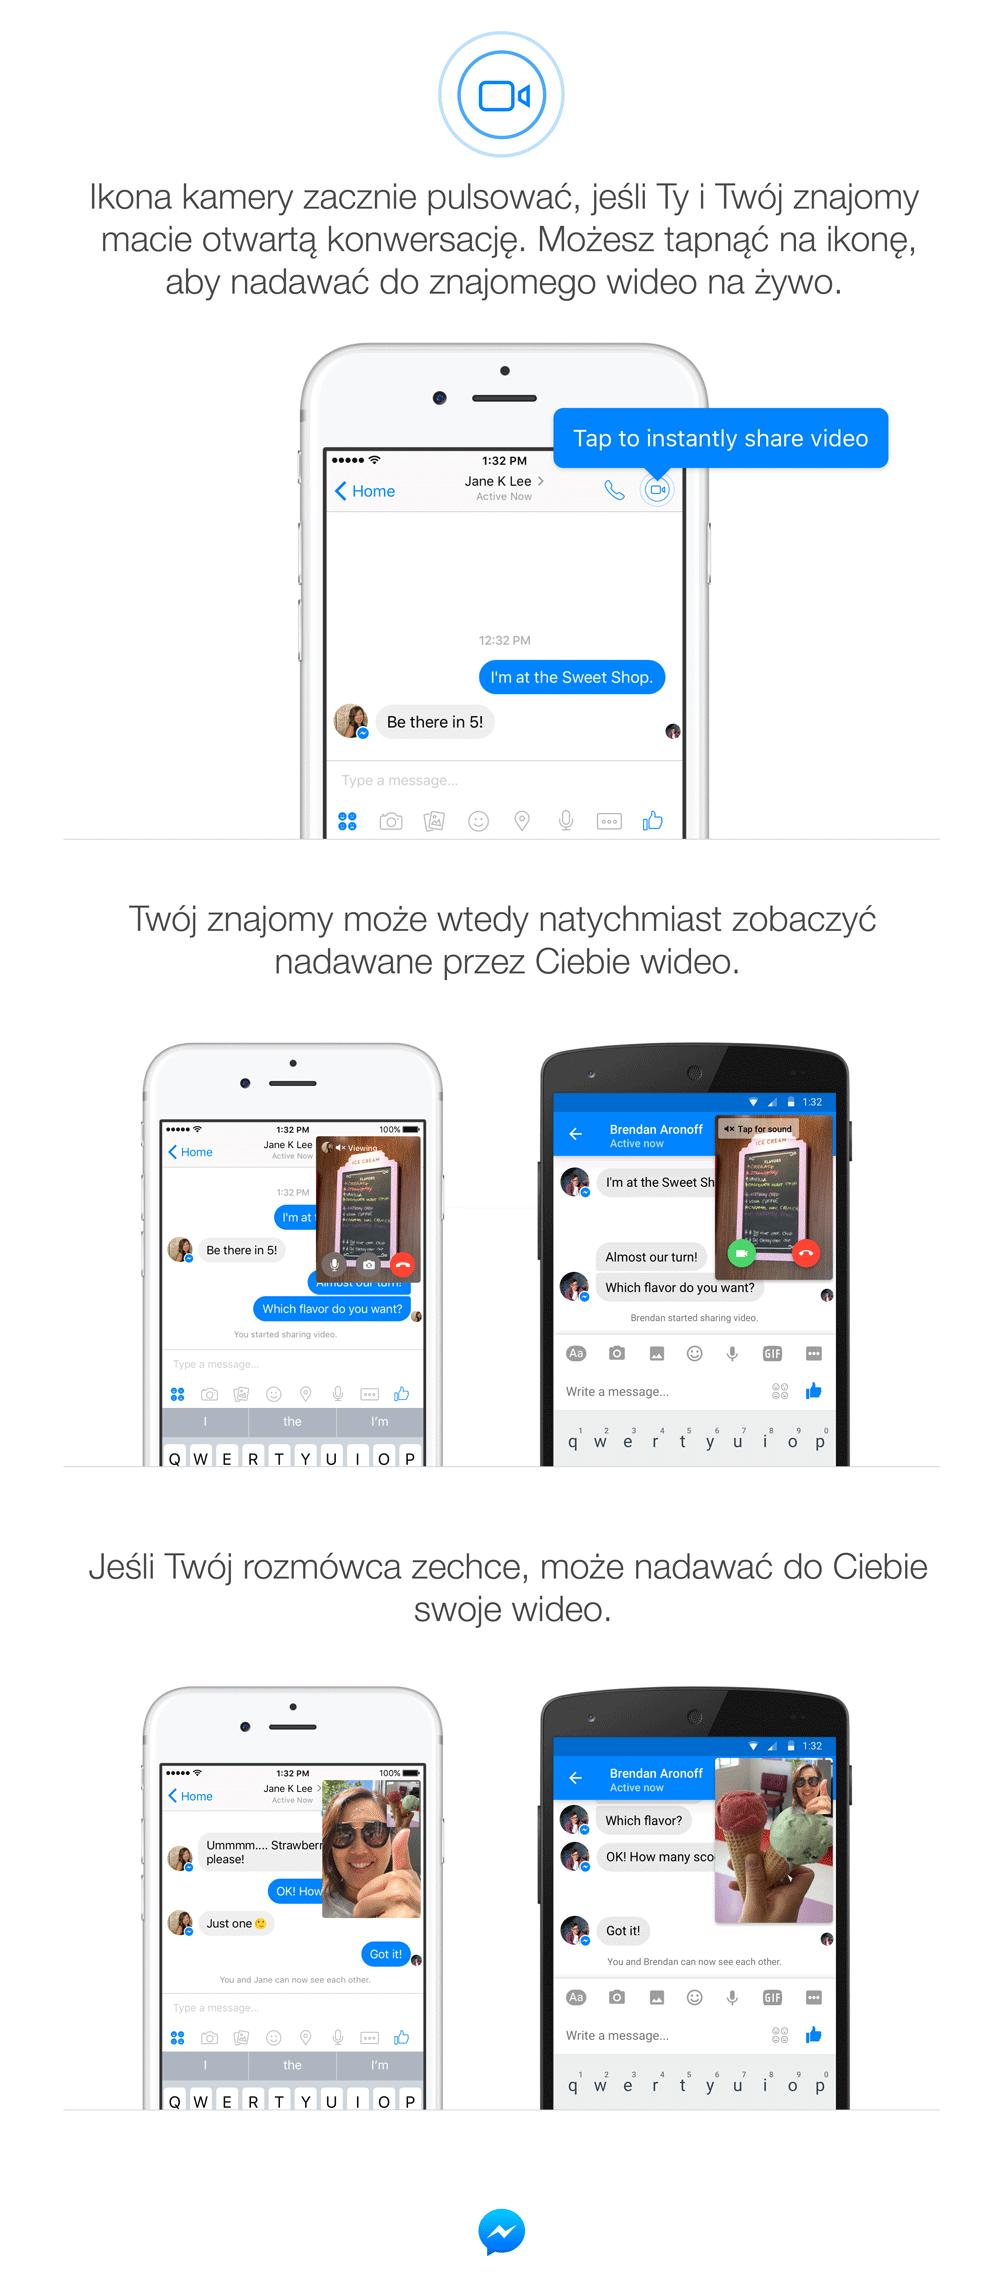 Jak korzystać z Instant Video w Facebook Messengerze?